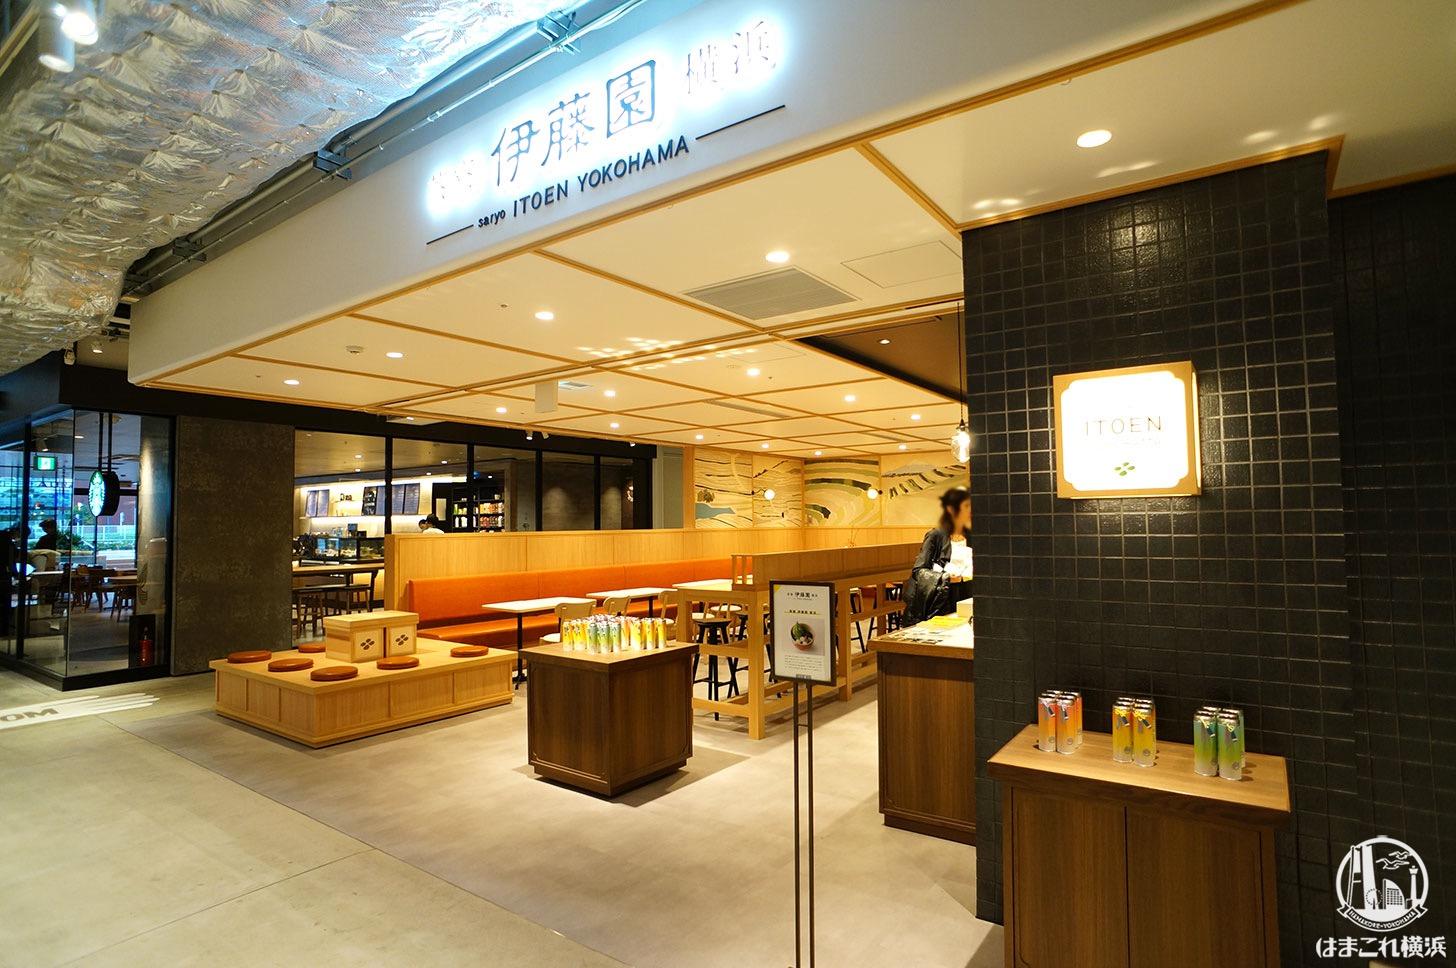 茶寮 伊藤園、横浜ハンマーヘッドに横浜初出店!抹茶や抹茶ビール、茶うどんも